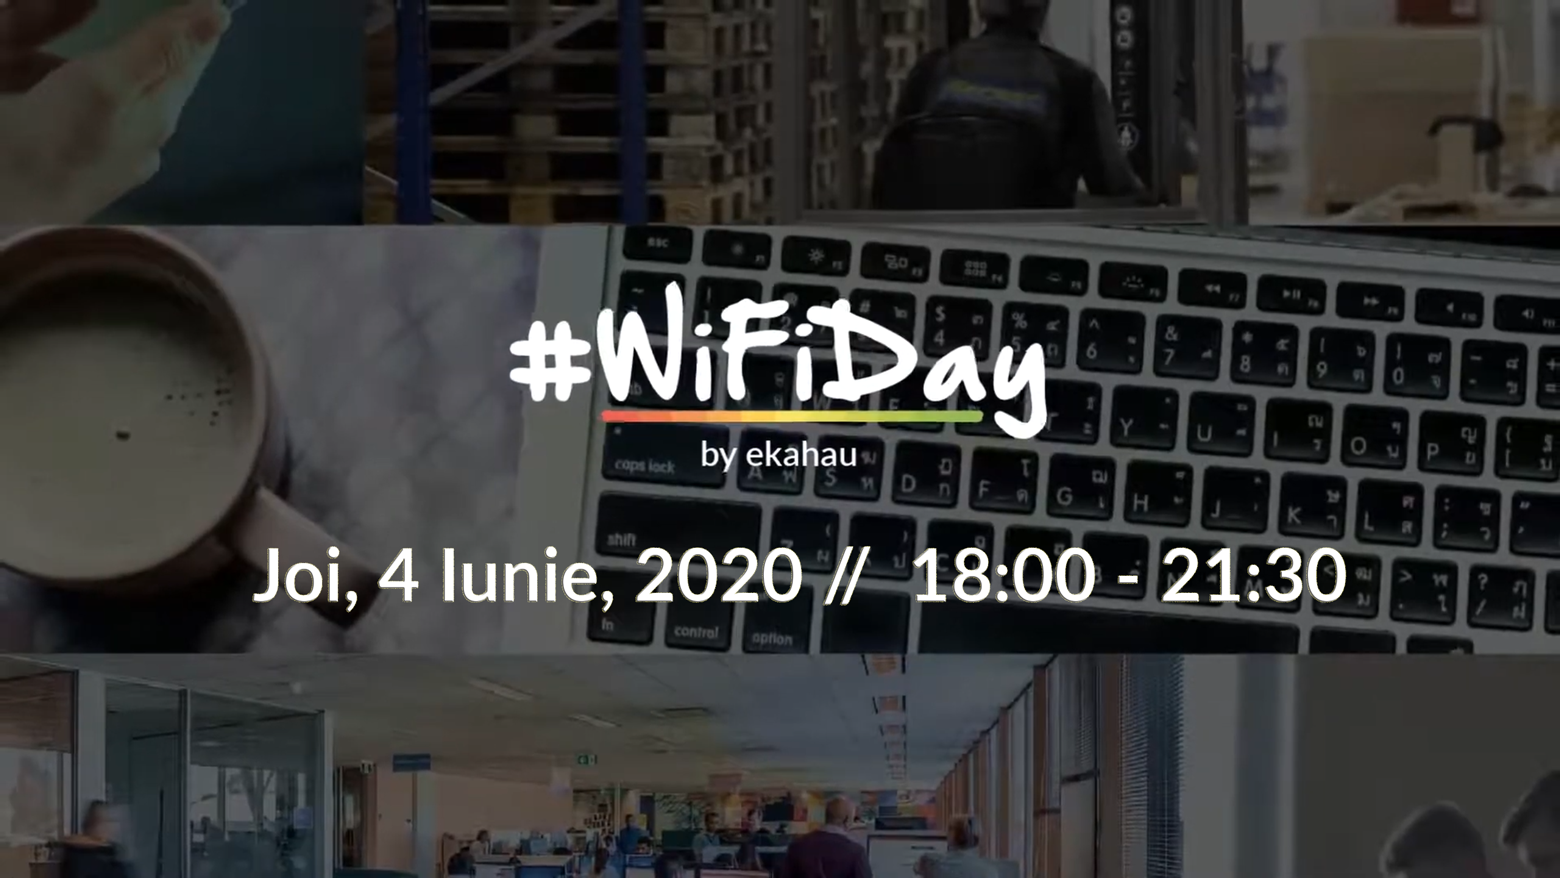 WiFi Day by Ekahau